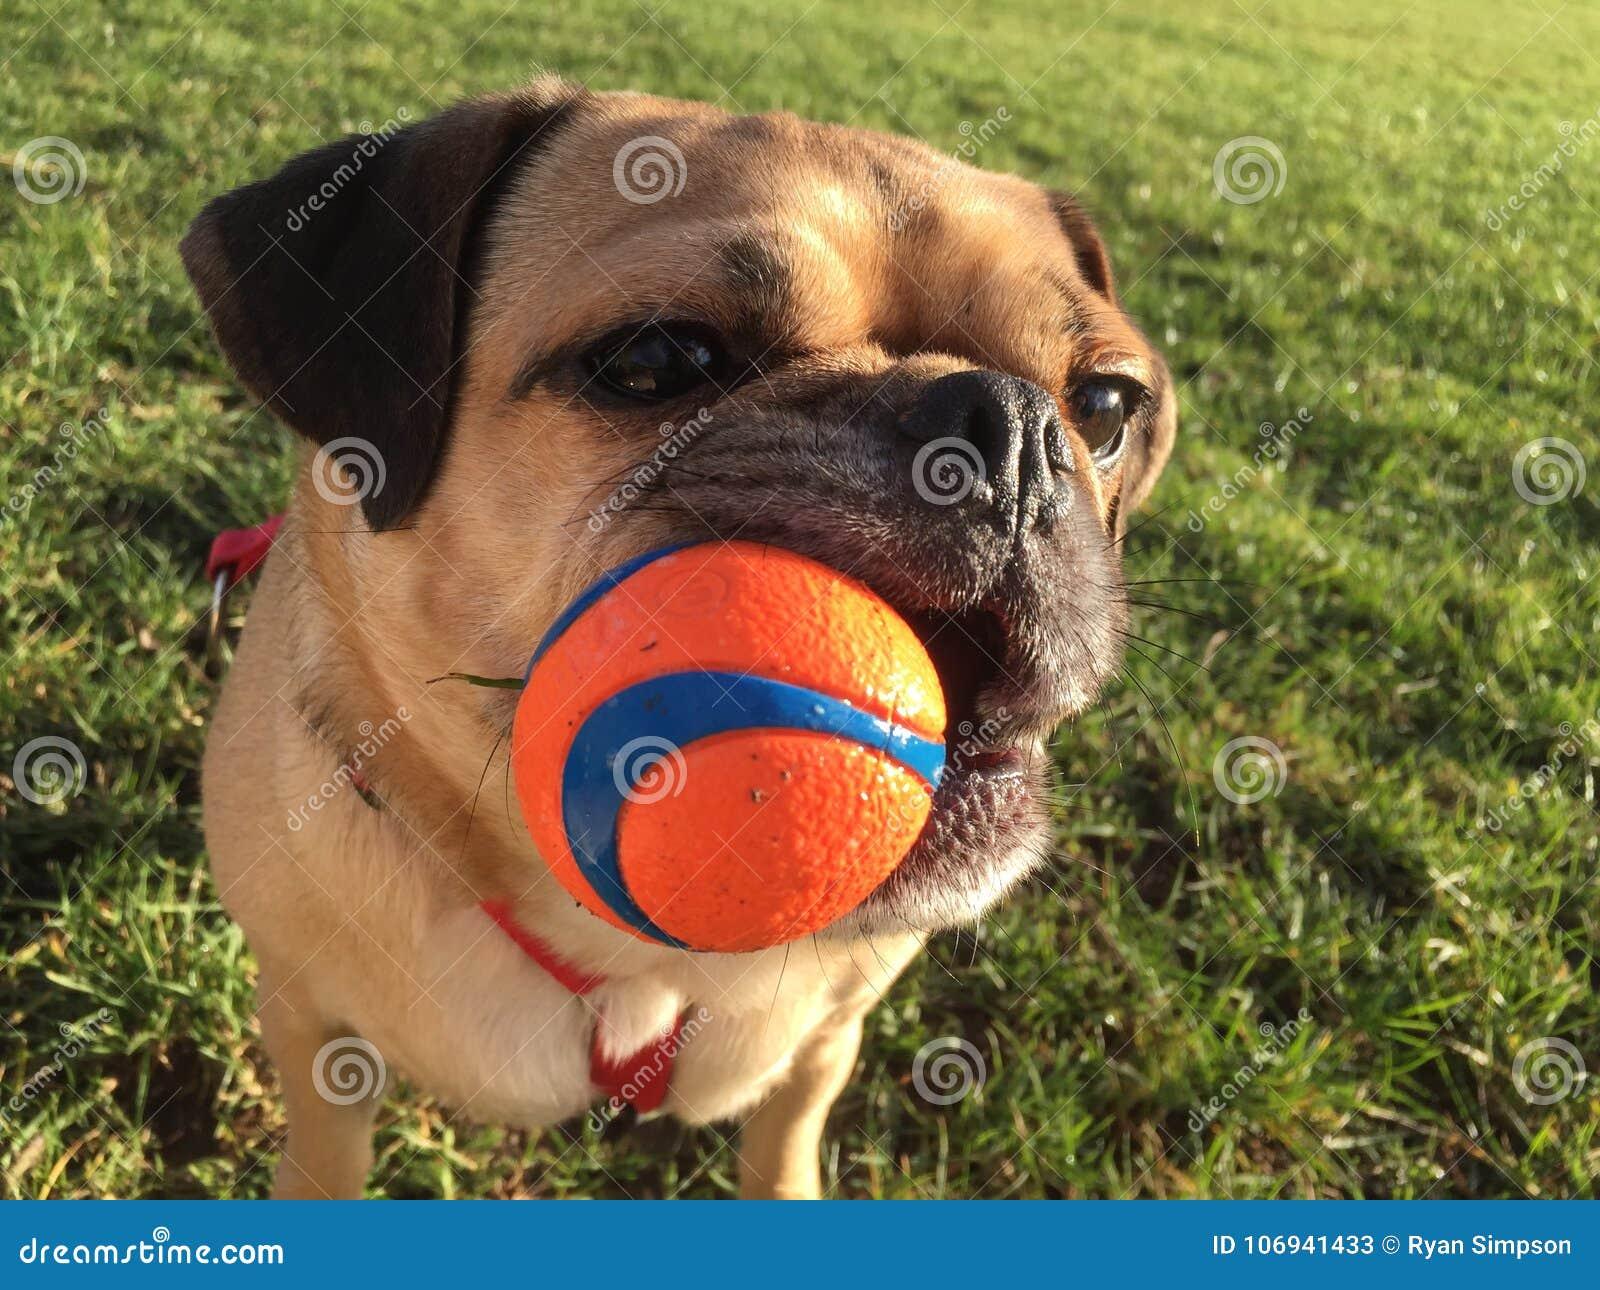 Cane con la palla in bocca